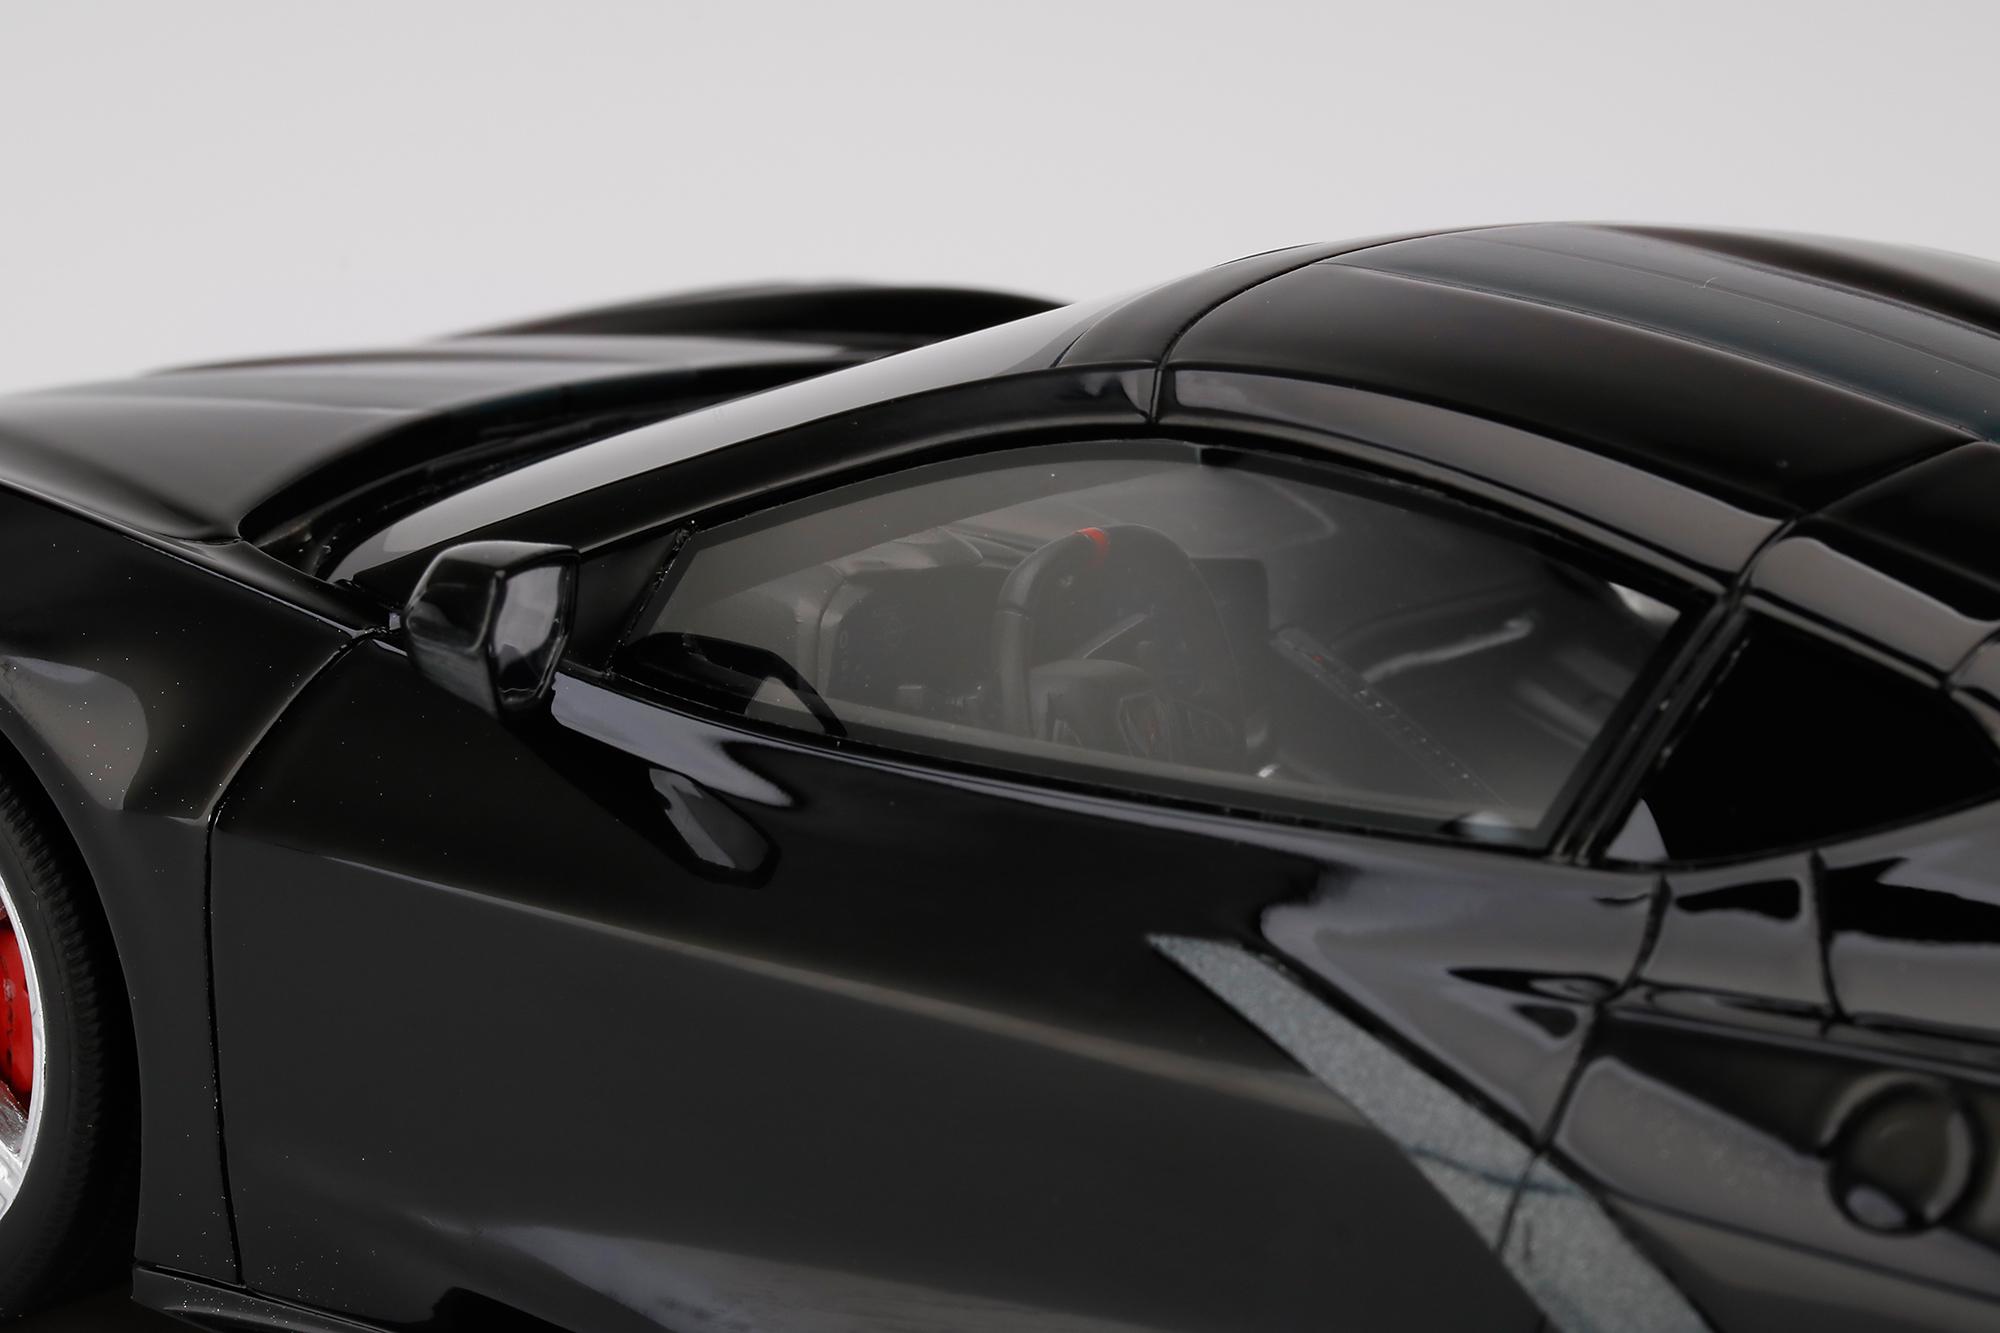 chevrolet-corvette-c8-stingray-topspeed-models-interieur